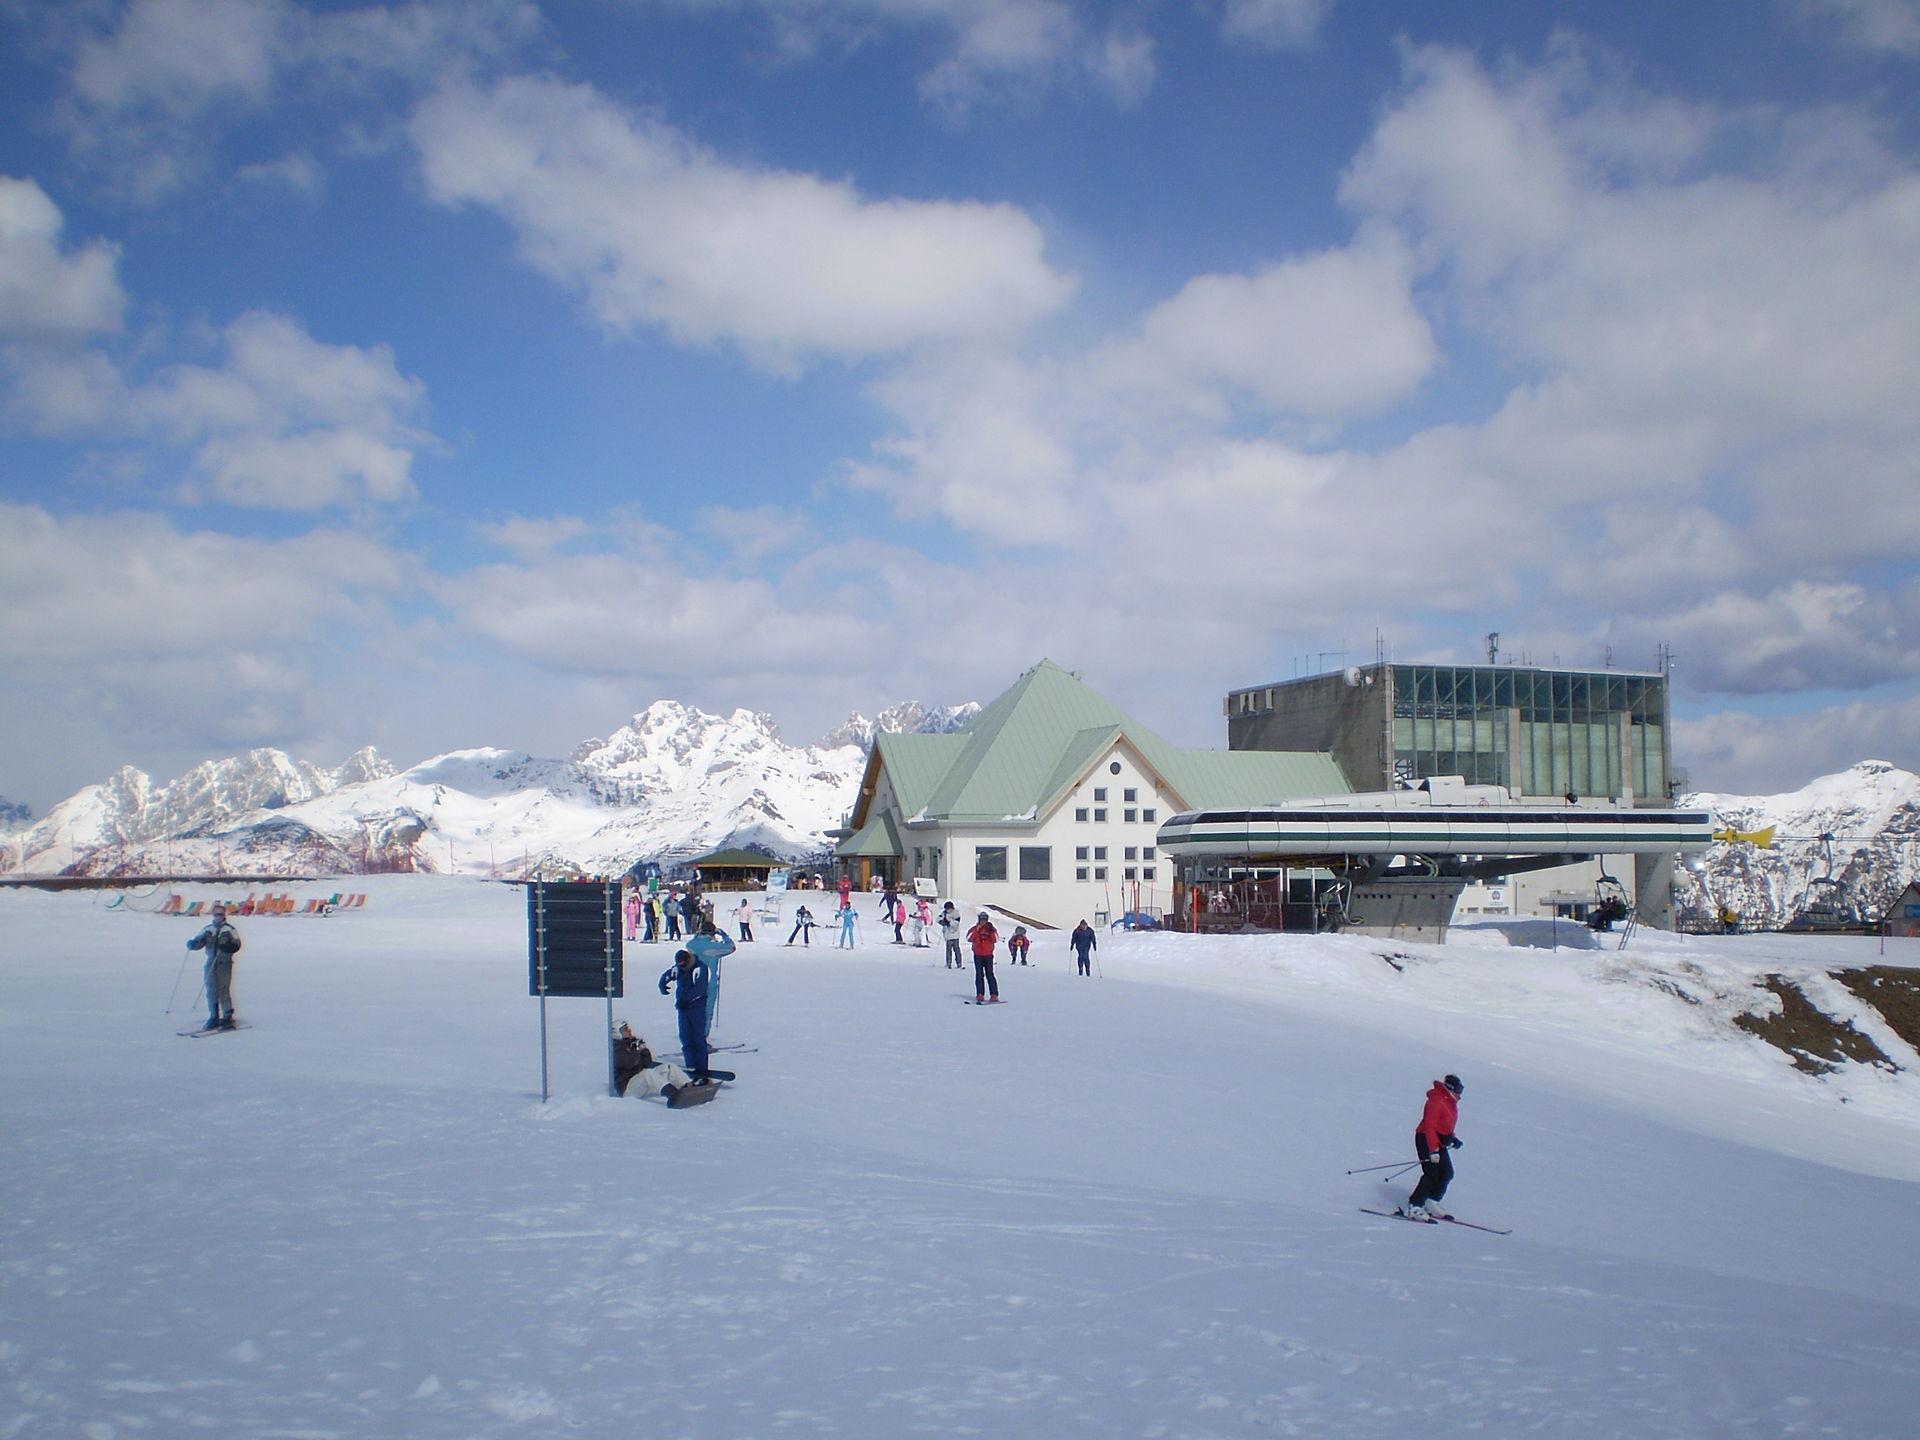 Monte Zoncolan - Wikipedia